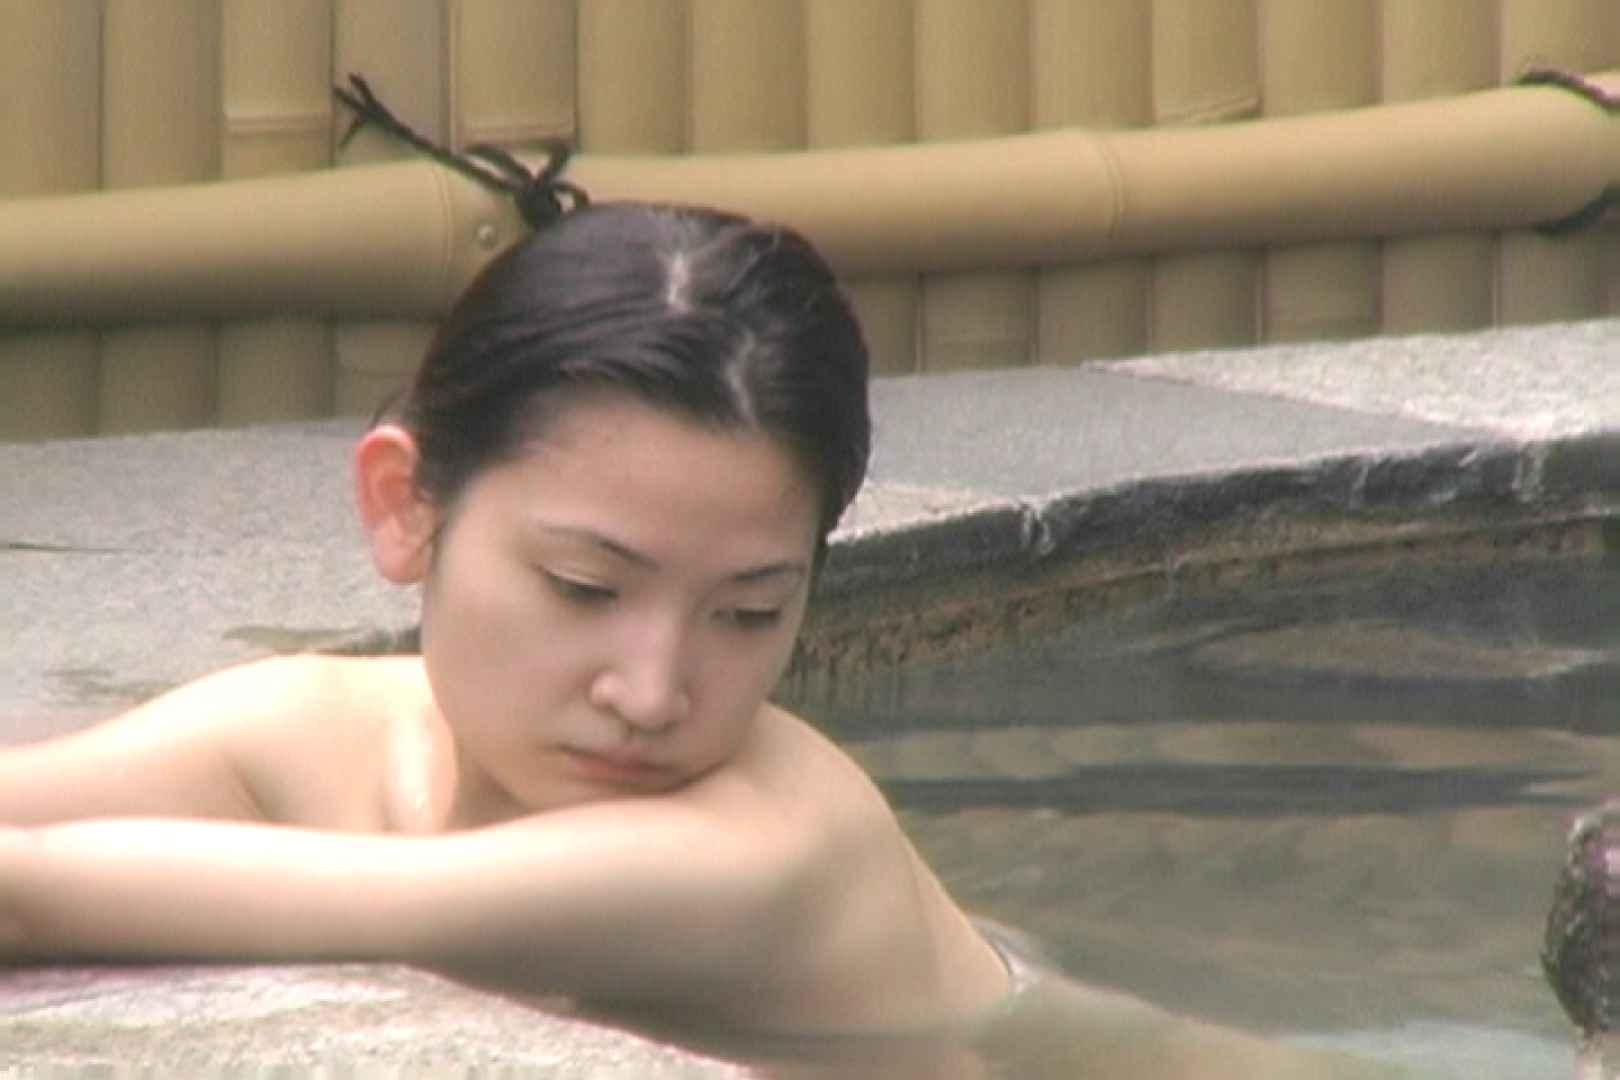 Aquaな露天風呂Vol.637 美しいOLの裸体   盗撮師作品  81pic 58